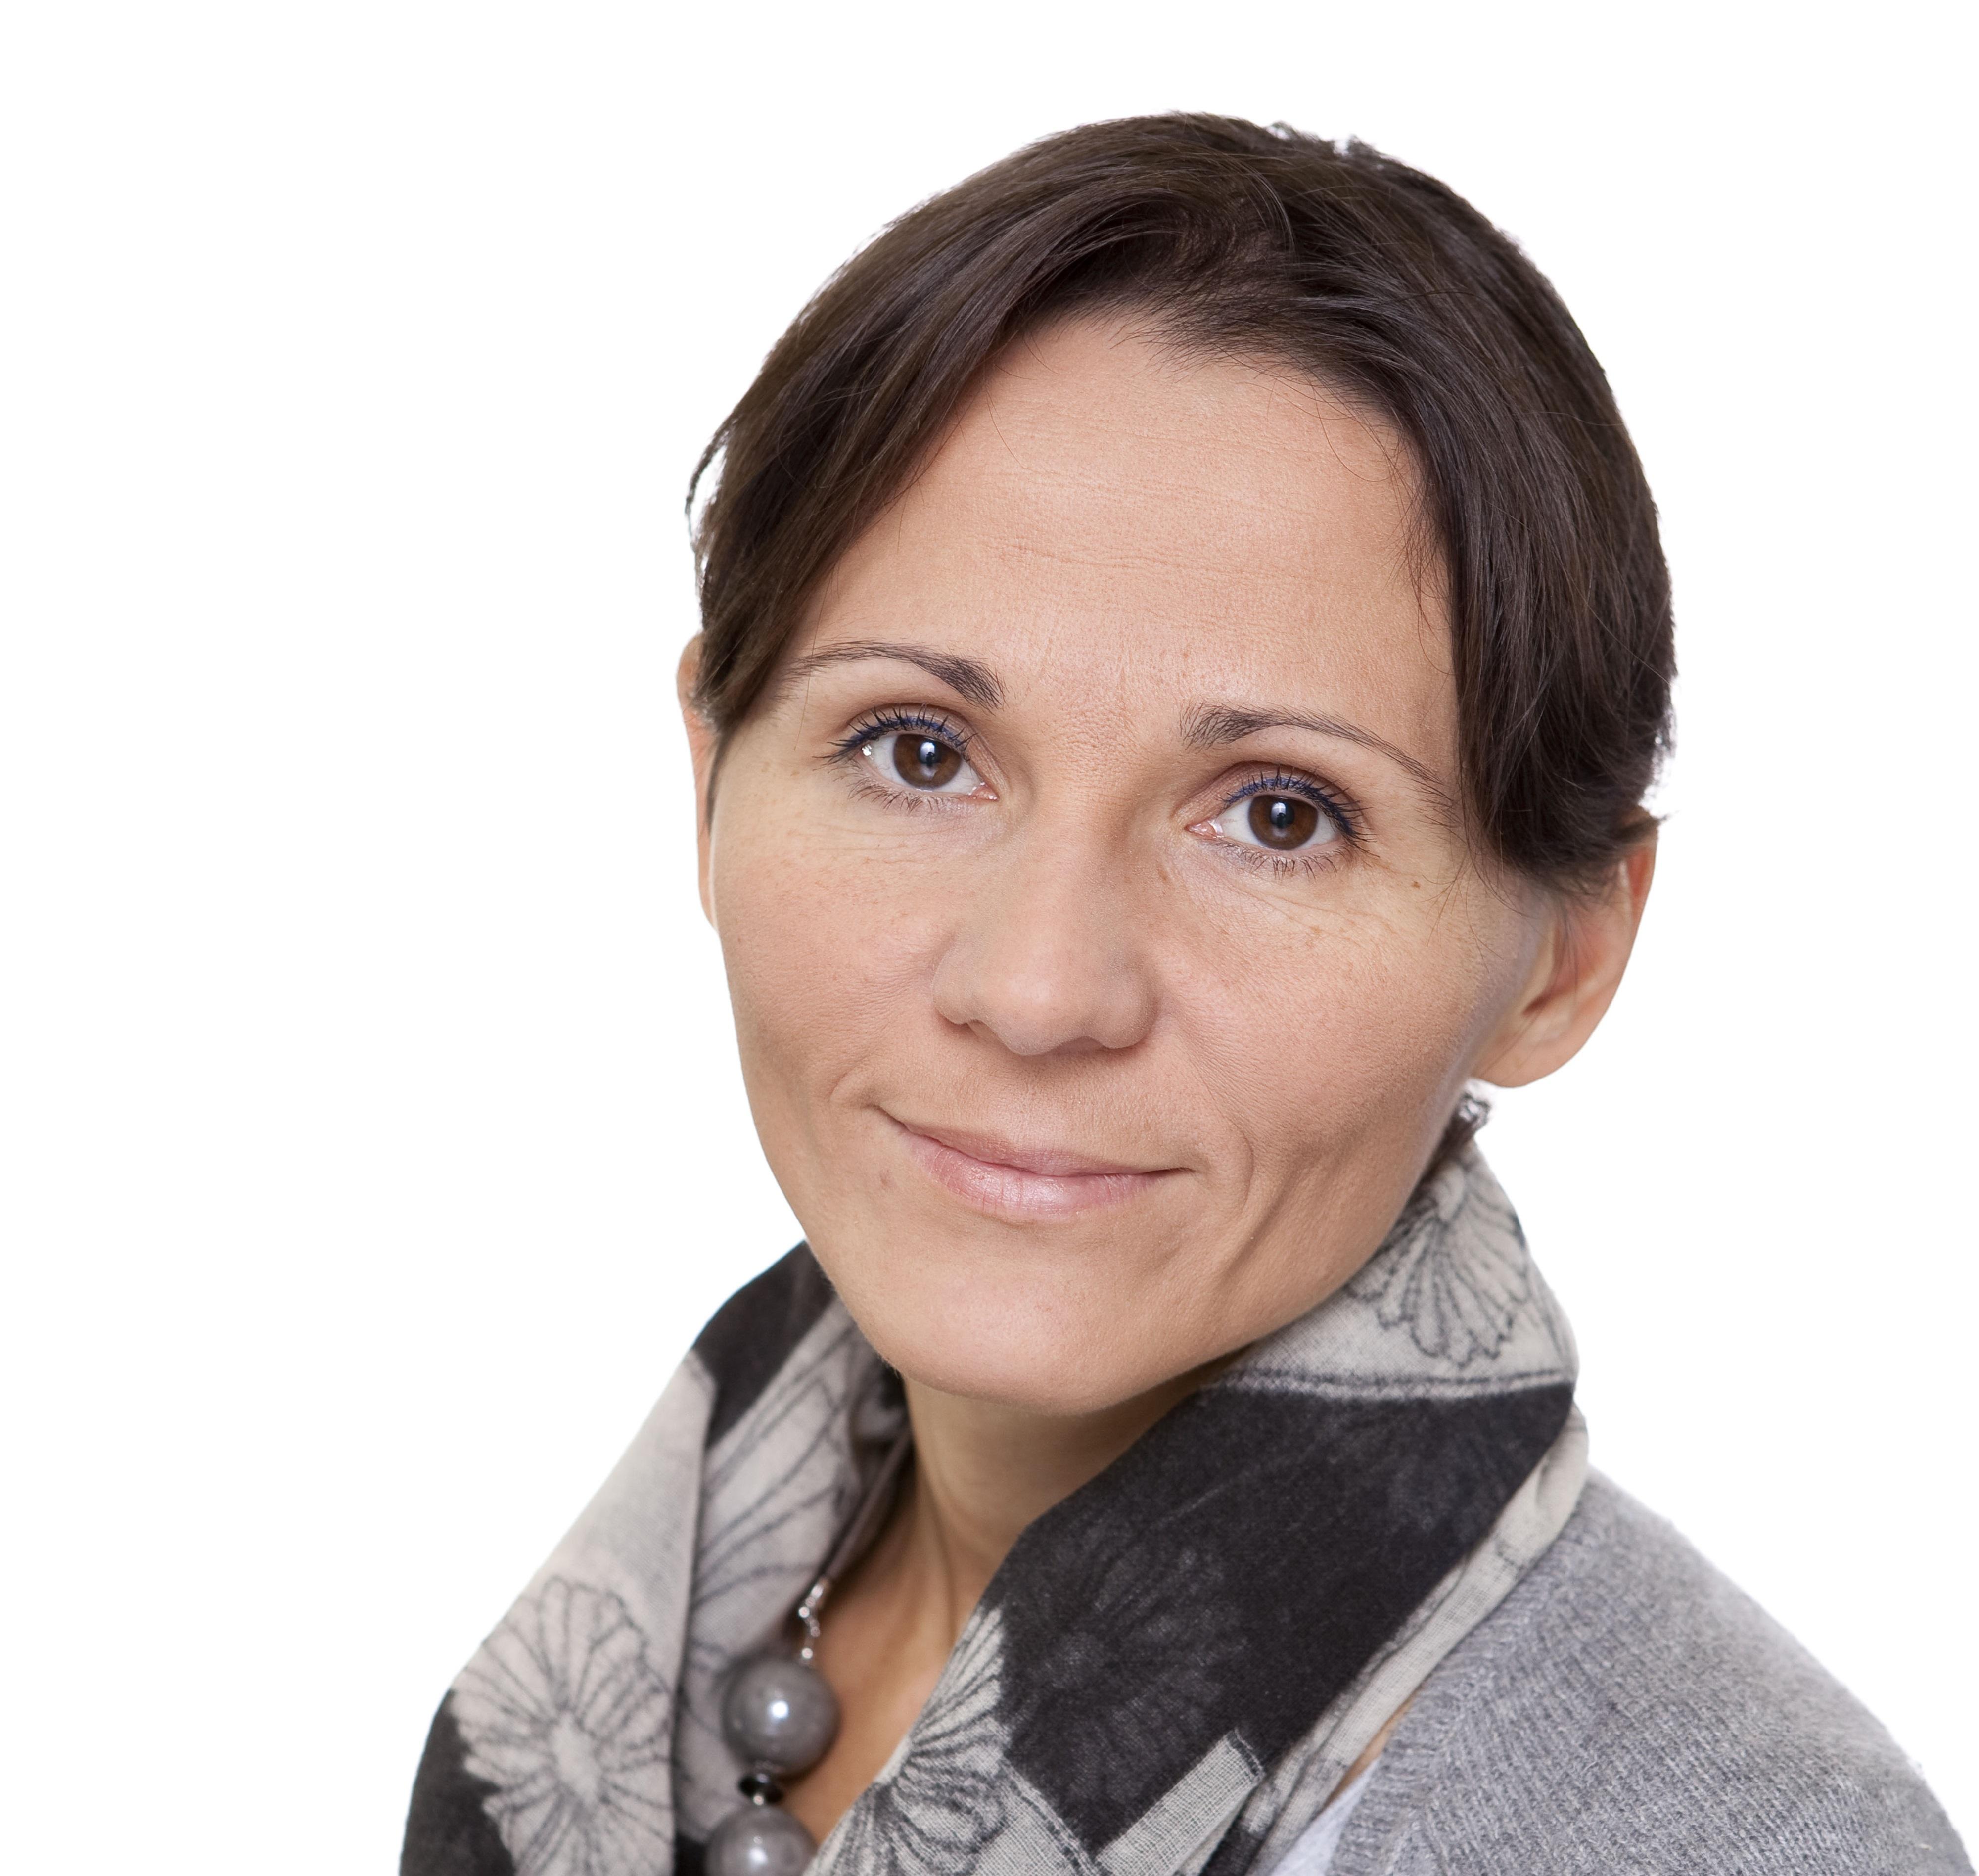 Psychoterapia krok po kroku - rozmowa z Mają Filipiak | ABC Psychoterapii